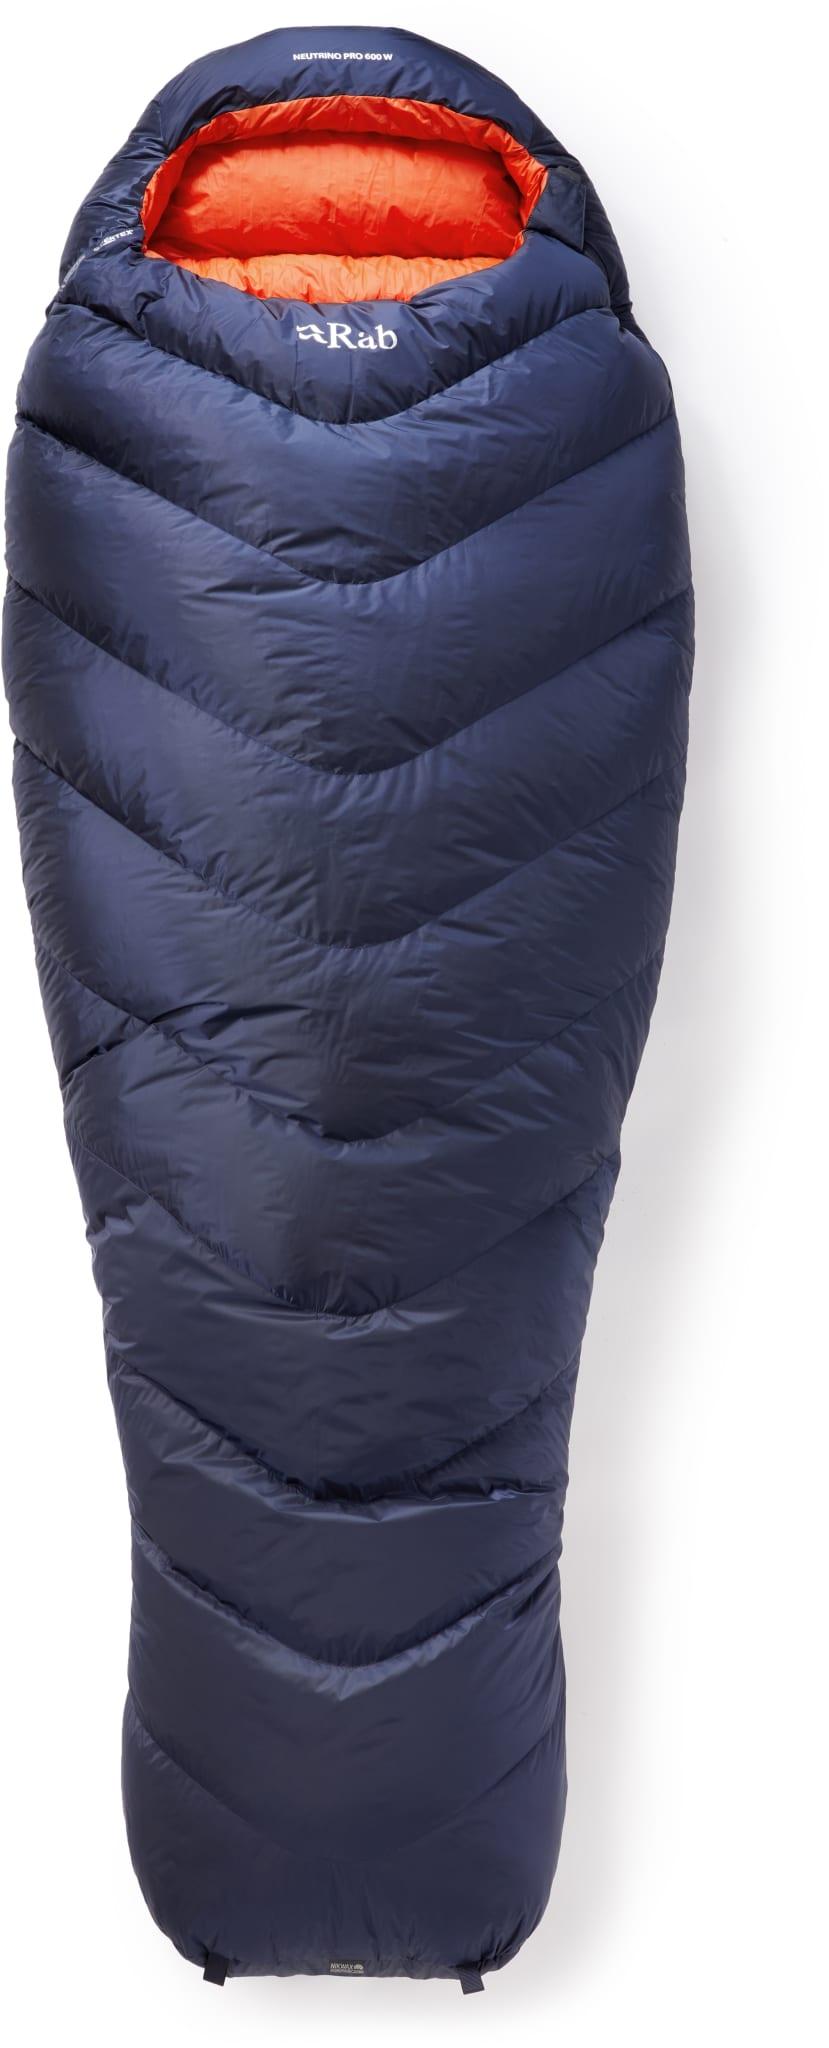 Rask og vannavvisende sovepose til alpint bruk